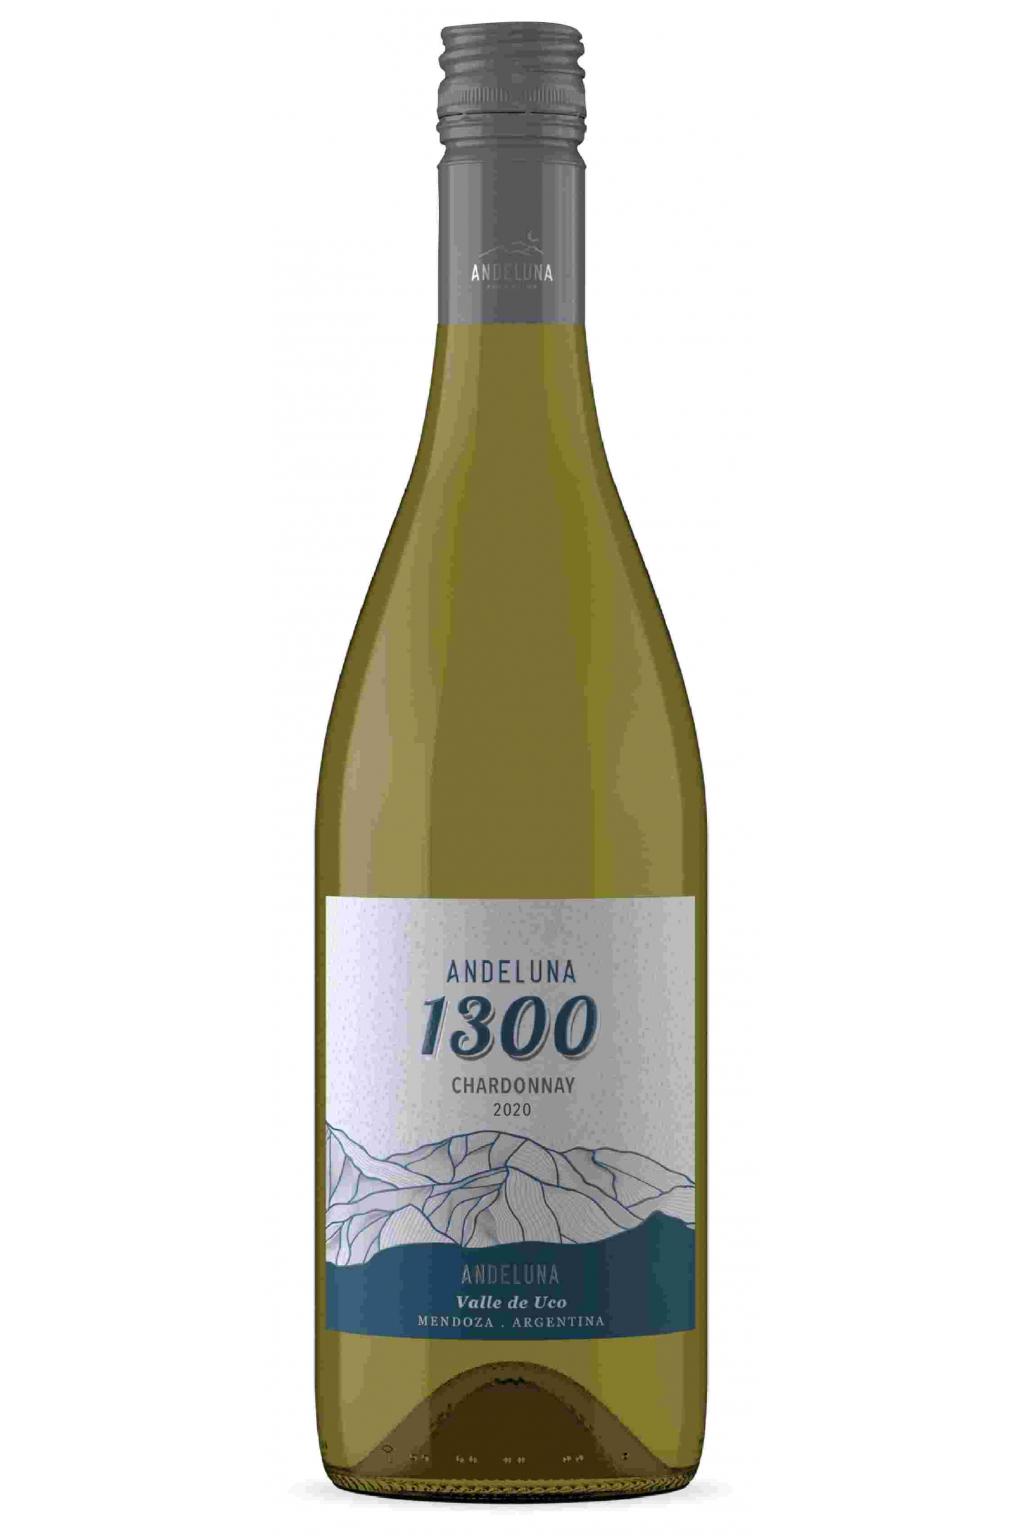 Chardonnay 1300